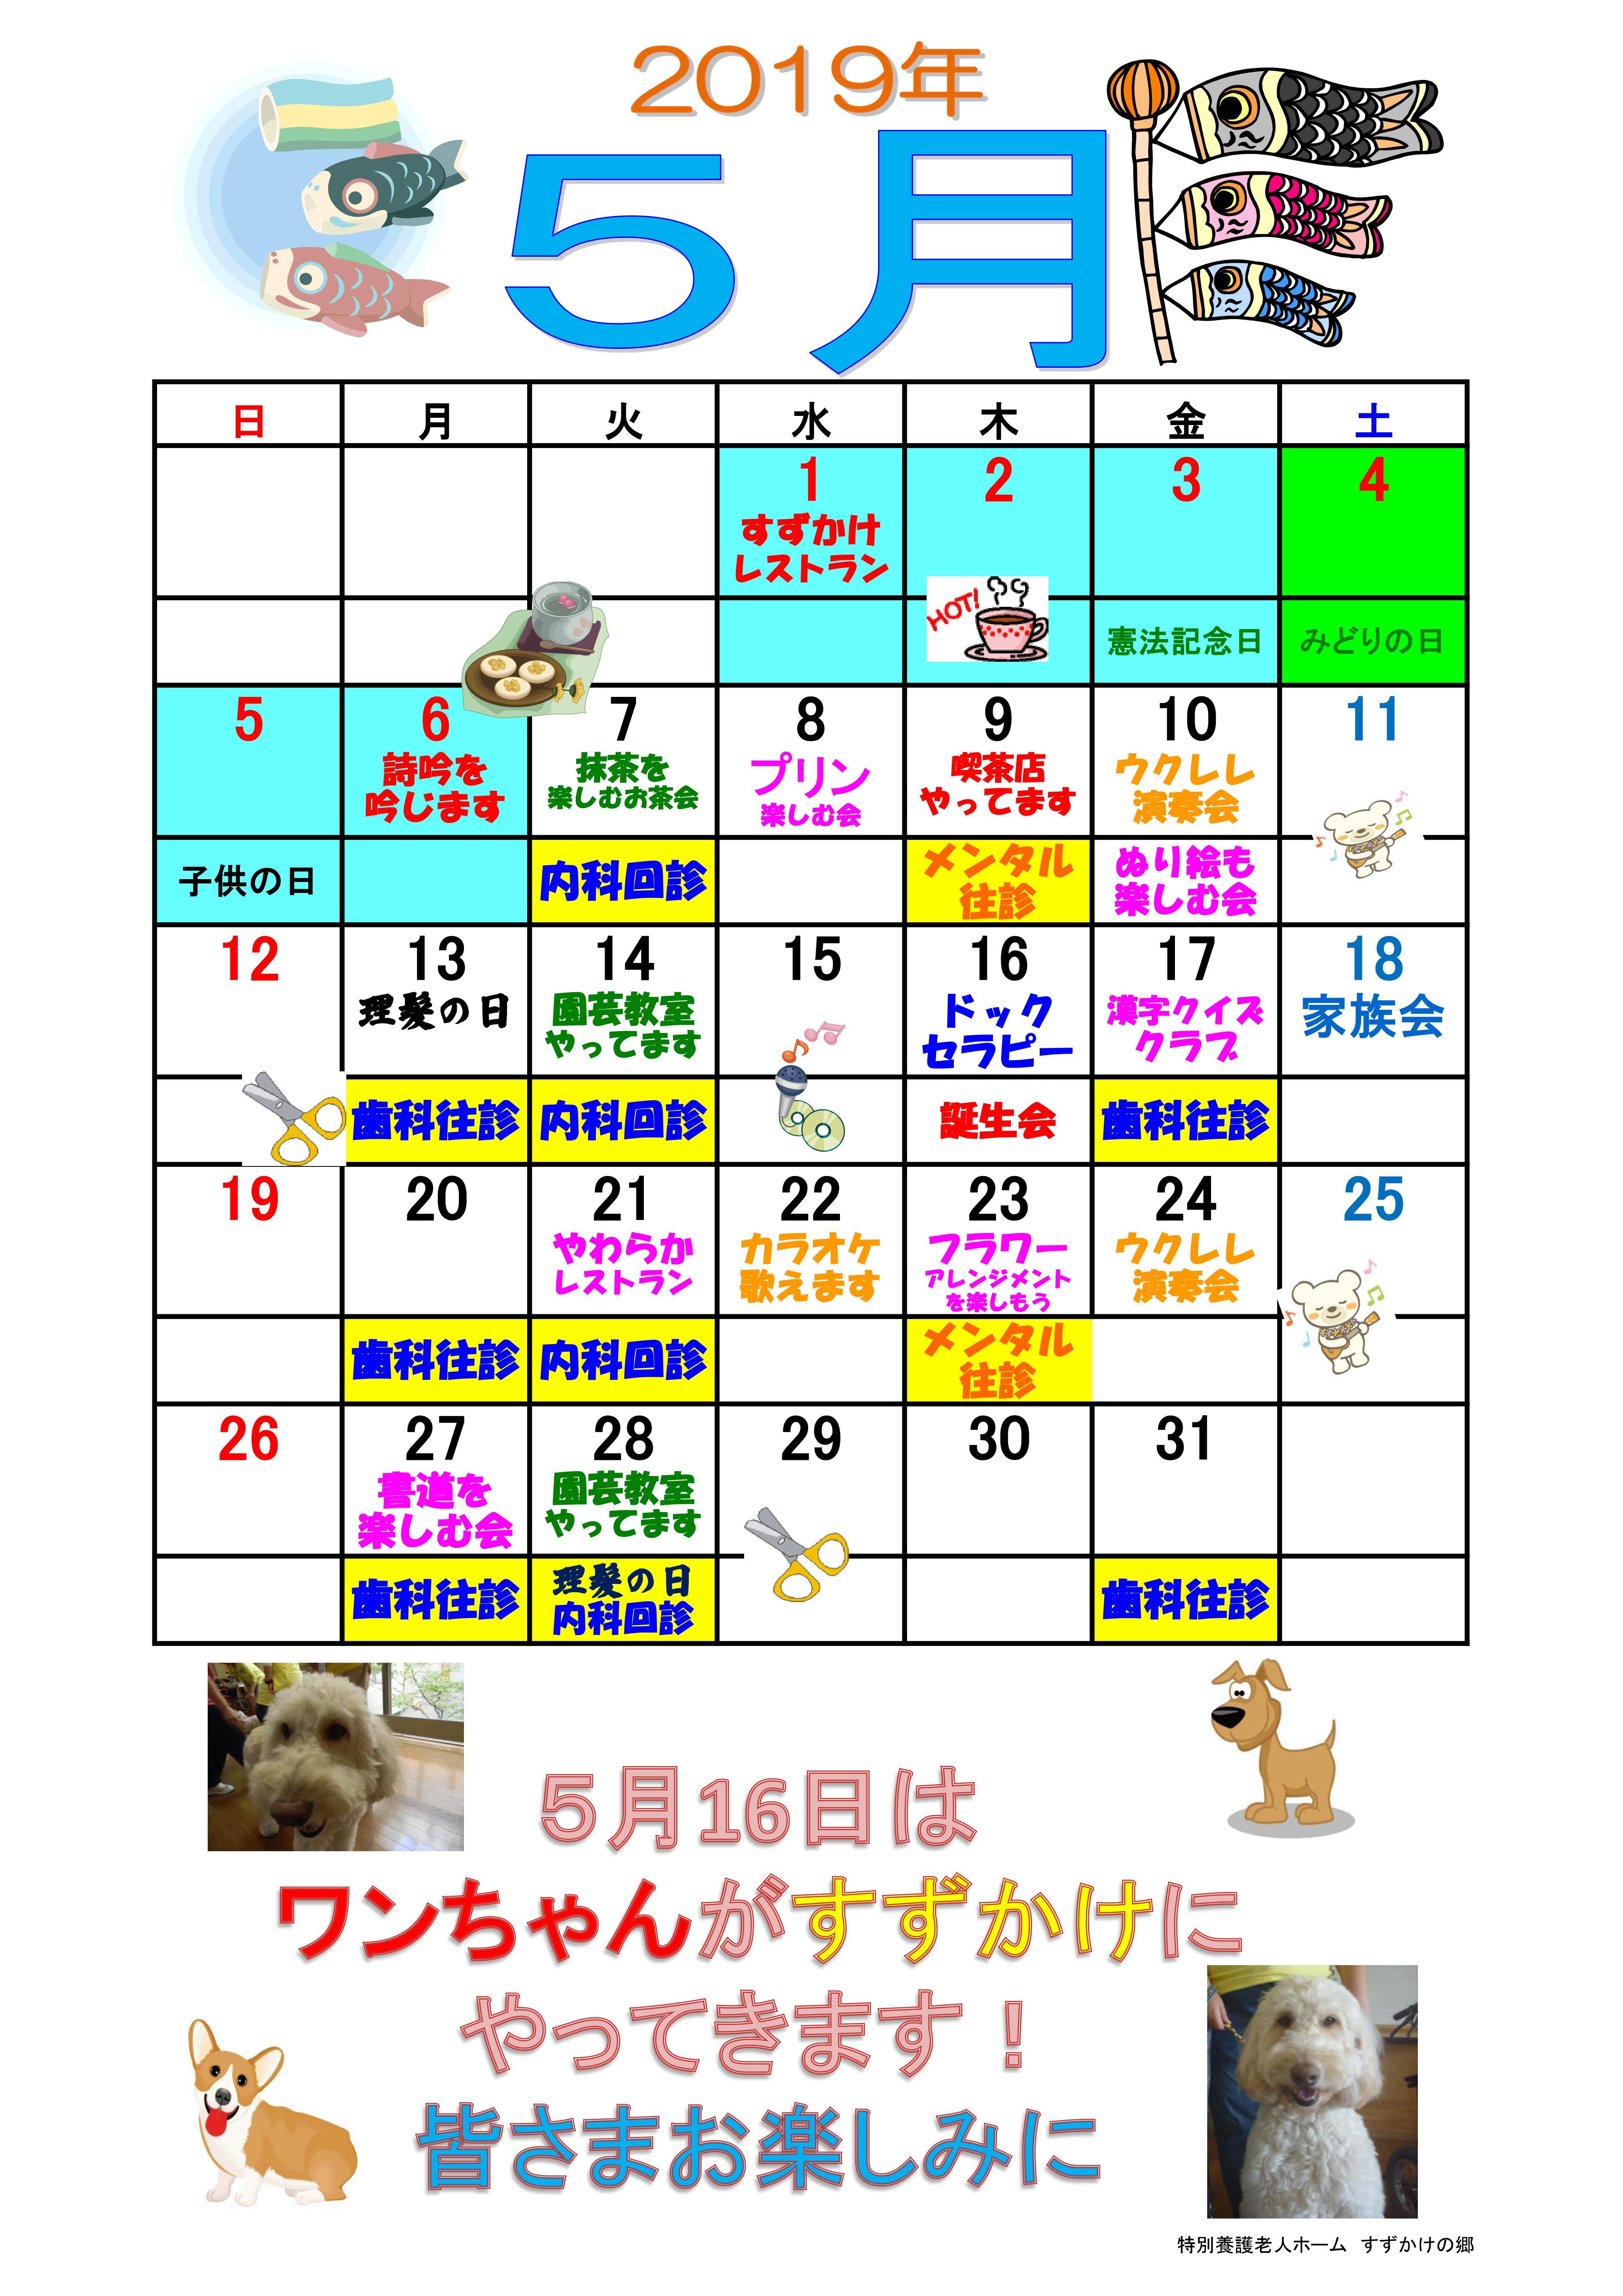 特養カレンダー